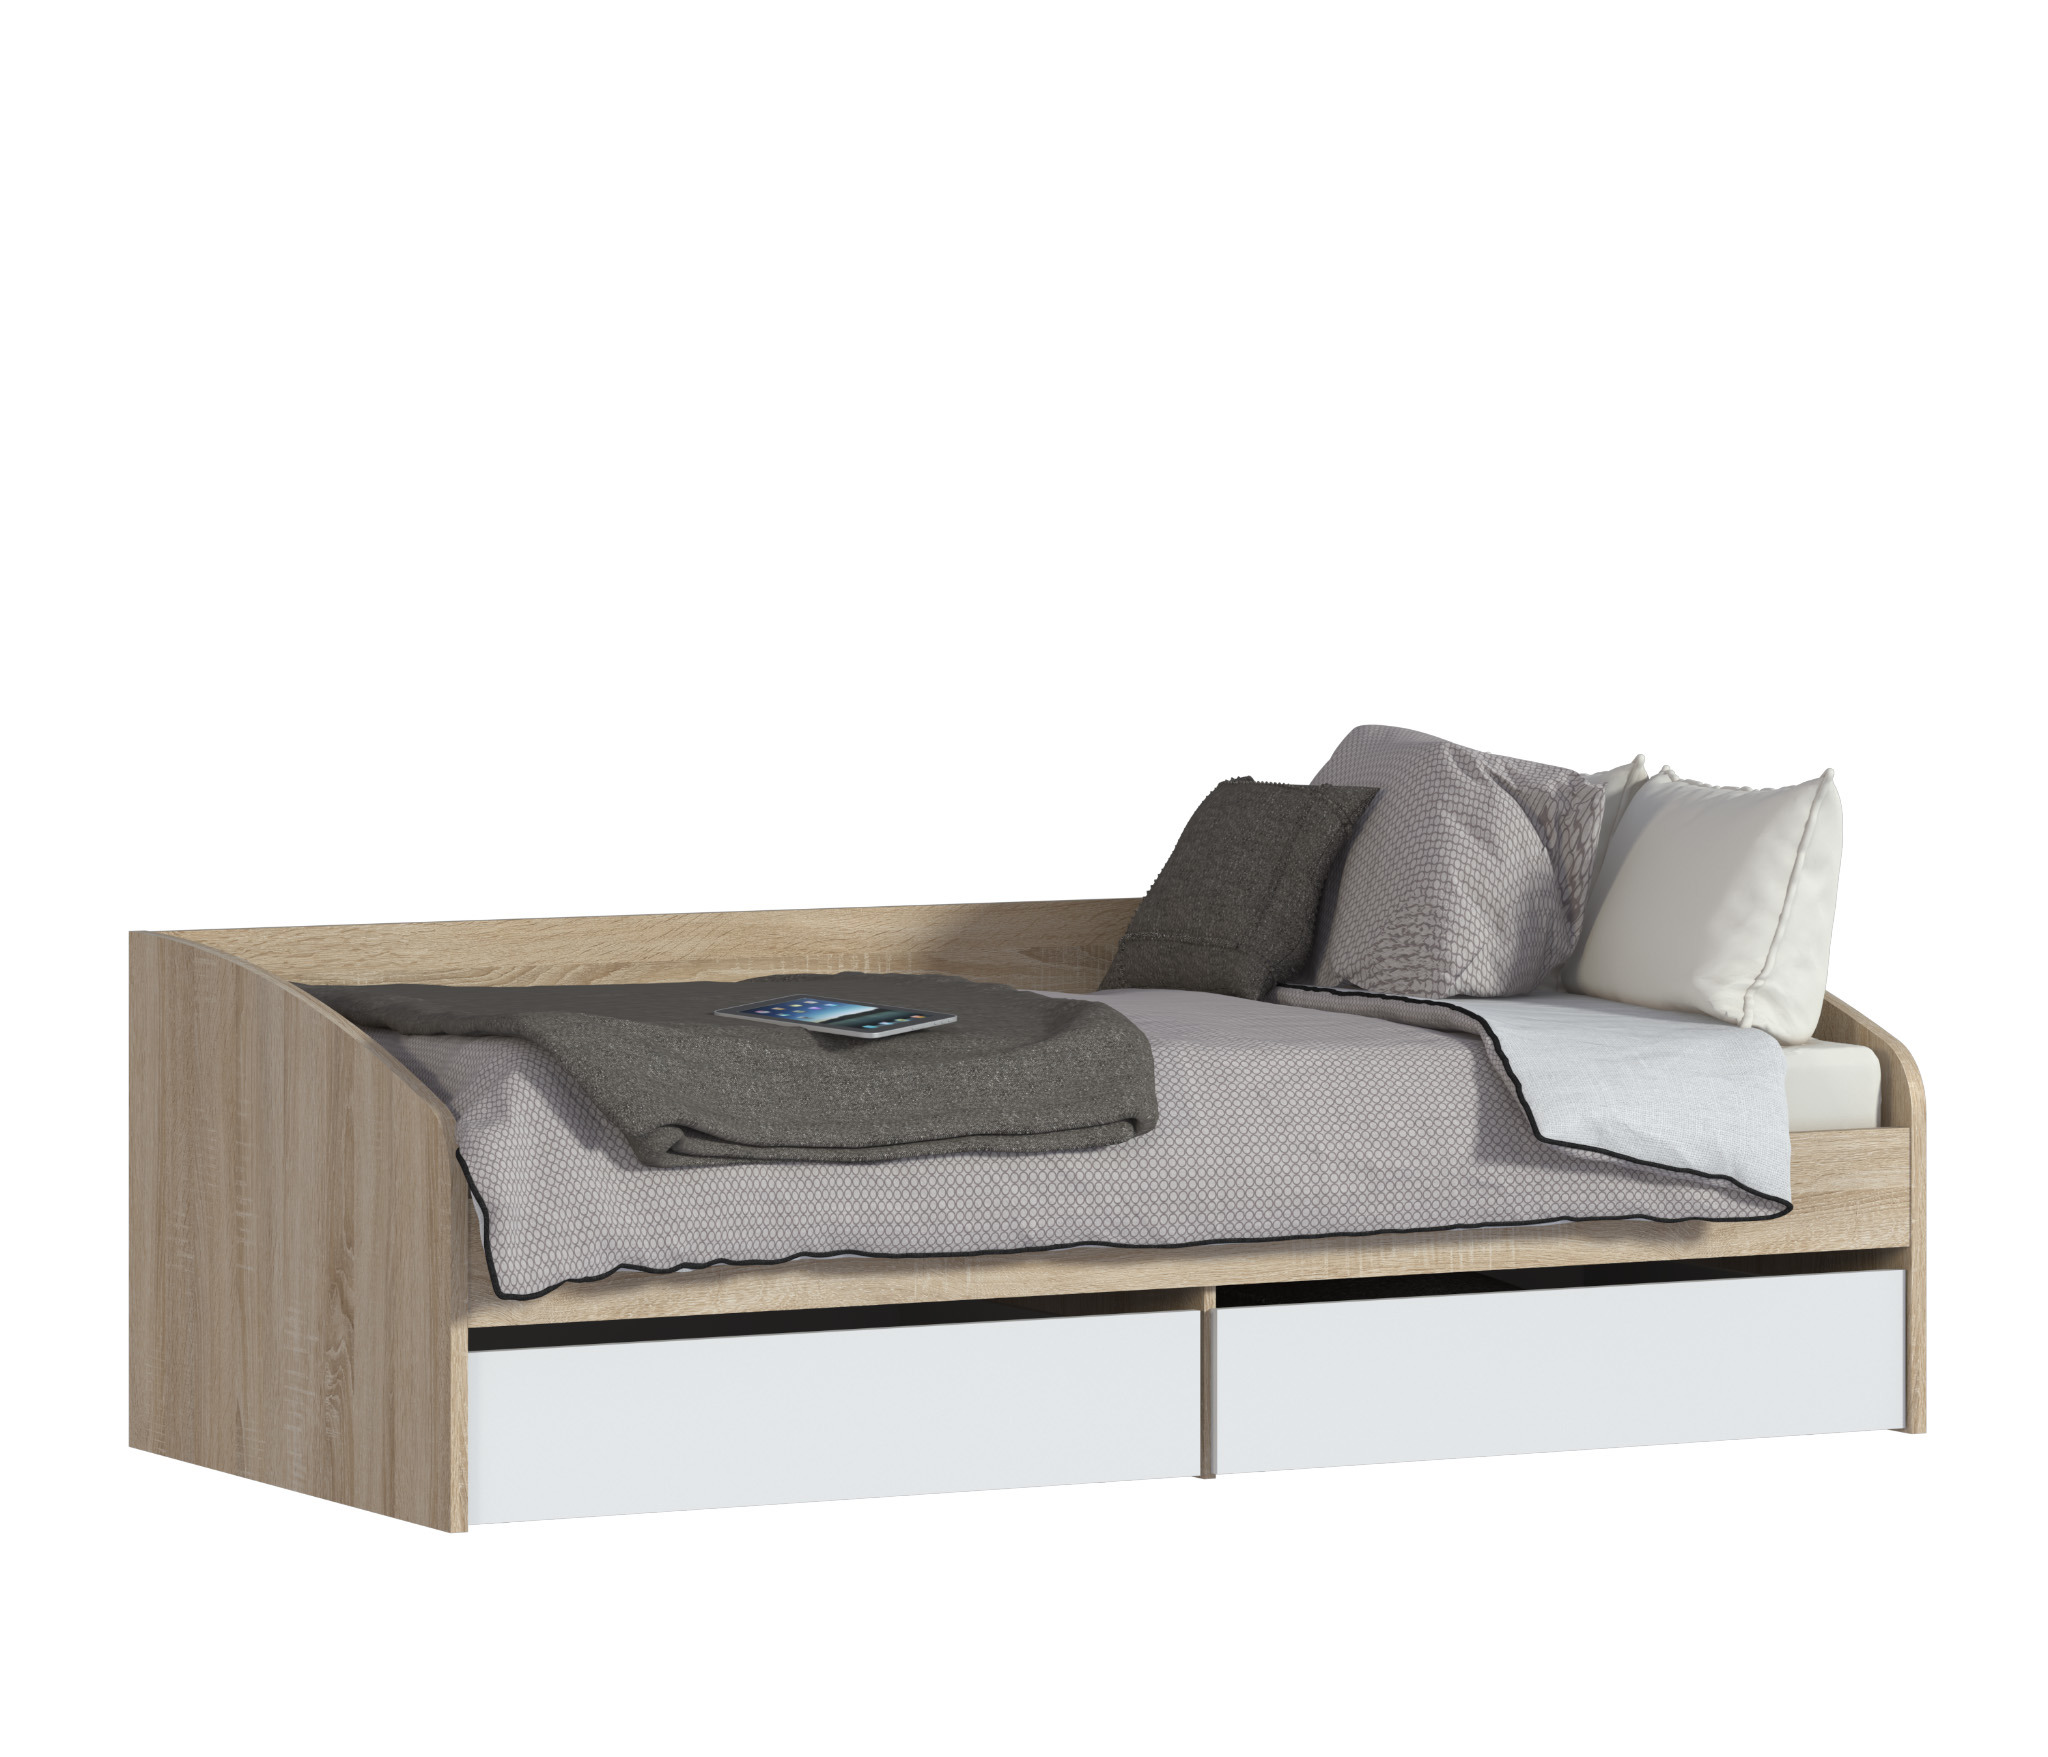 Мамбо СБ-2372 КроватьДетские кровати от 3-х лет<br>Матрас приобретается отдельно.&#13;Кровать из детского гарнитура  Мамбо    симпатичная и комфортабельная модель, воспользоваться которой могут даже взрослые челны семьи. Занимая не так уж и много места, она выделяется своей функциональной значимостью. Три в одном. Днем это вполне приличный диванчик, ночью полноценное спальное место шириной 95 см, к тому же, это и система хранения постельных принадлежностей, так как модель оборудована двумя объемными выдвигающимися ящиками. Кровать собрана из мебельных щитов повышенной прочности с износостойким поверхностным покрытием приятного пастельного оттенка «Дуб Сонома». Ящики и фасады к ним изготовлены из ДСП песочного цвета. Неброское сочетание цветов вносит в интерьер гармонию и умиротворение, что бывает нелишним, когда требуется успокоить разыгравшегося ребенка.&#13;Основание входит в комплект. Матрас приобретается отдельно, размер рекомендуемого матраса 900х2000.<br><br>Длина мм: 2054<br>Высота мм: 644<br>Глубина мм: 950<br>Материал: ЛДСП<br>Тип: Универсальные<br>Ящик: Есть<br>Ширина спального места: 900<br>Длина спального места: 2000<br>Бортик: нет<br>Основание для матраса: Есть